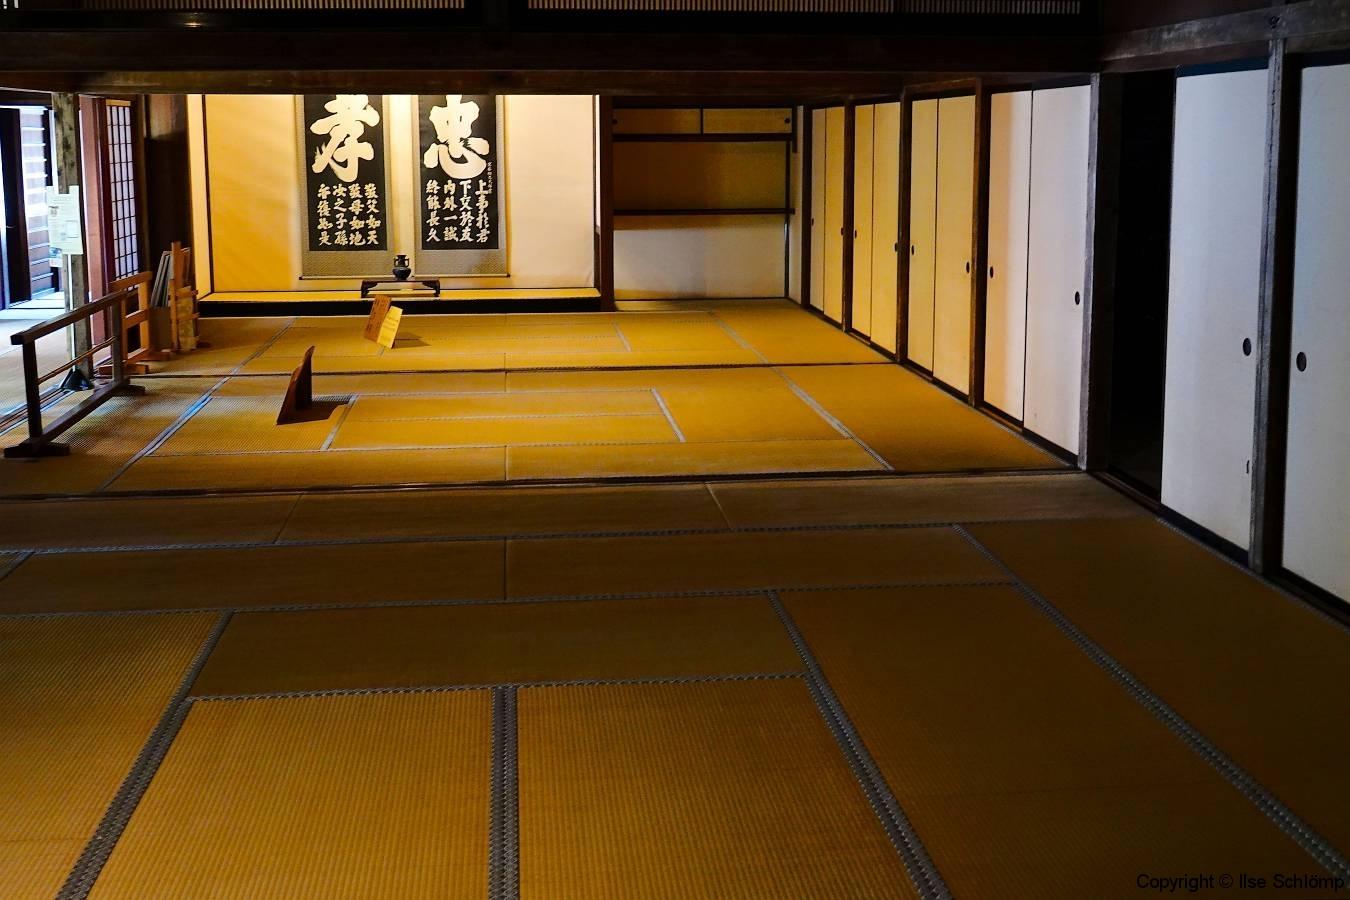 Japan, Takayama Jin'ya, Altes Regierungsgebäude, Versammlungshalle